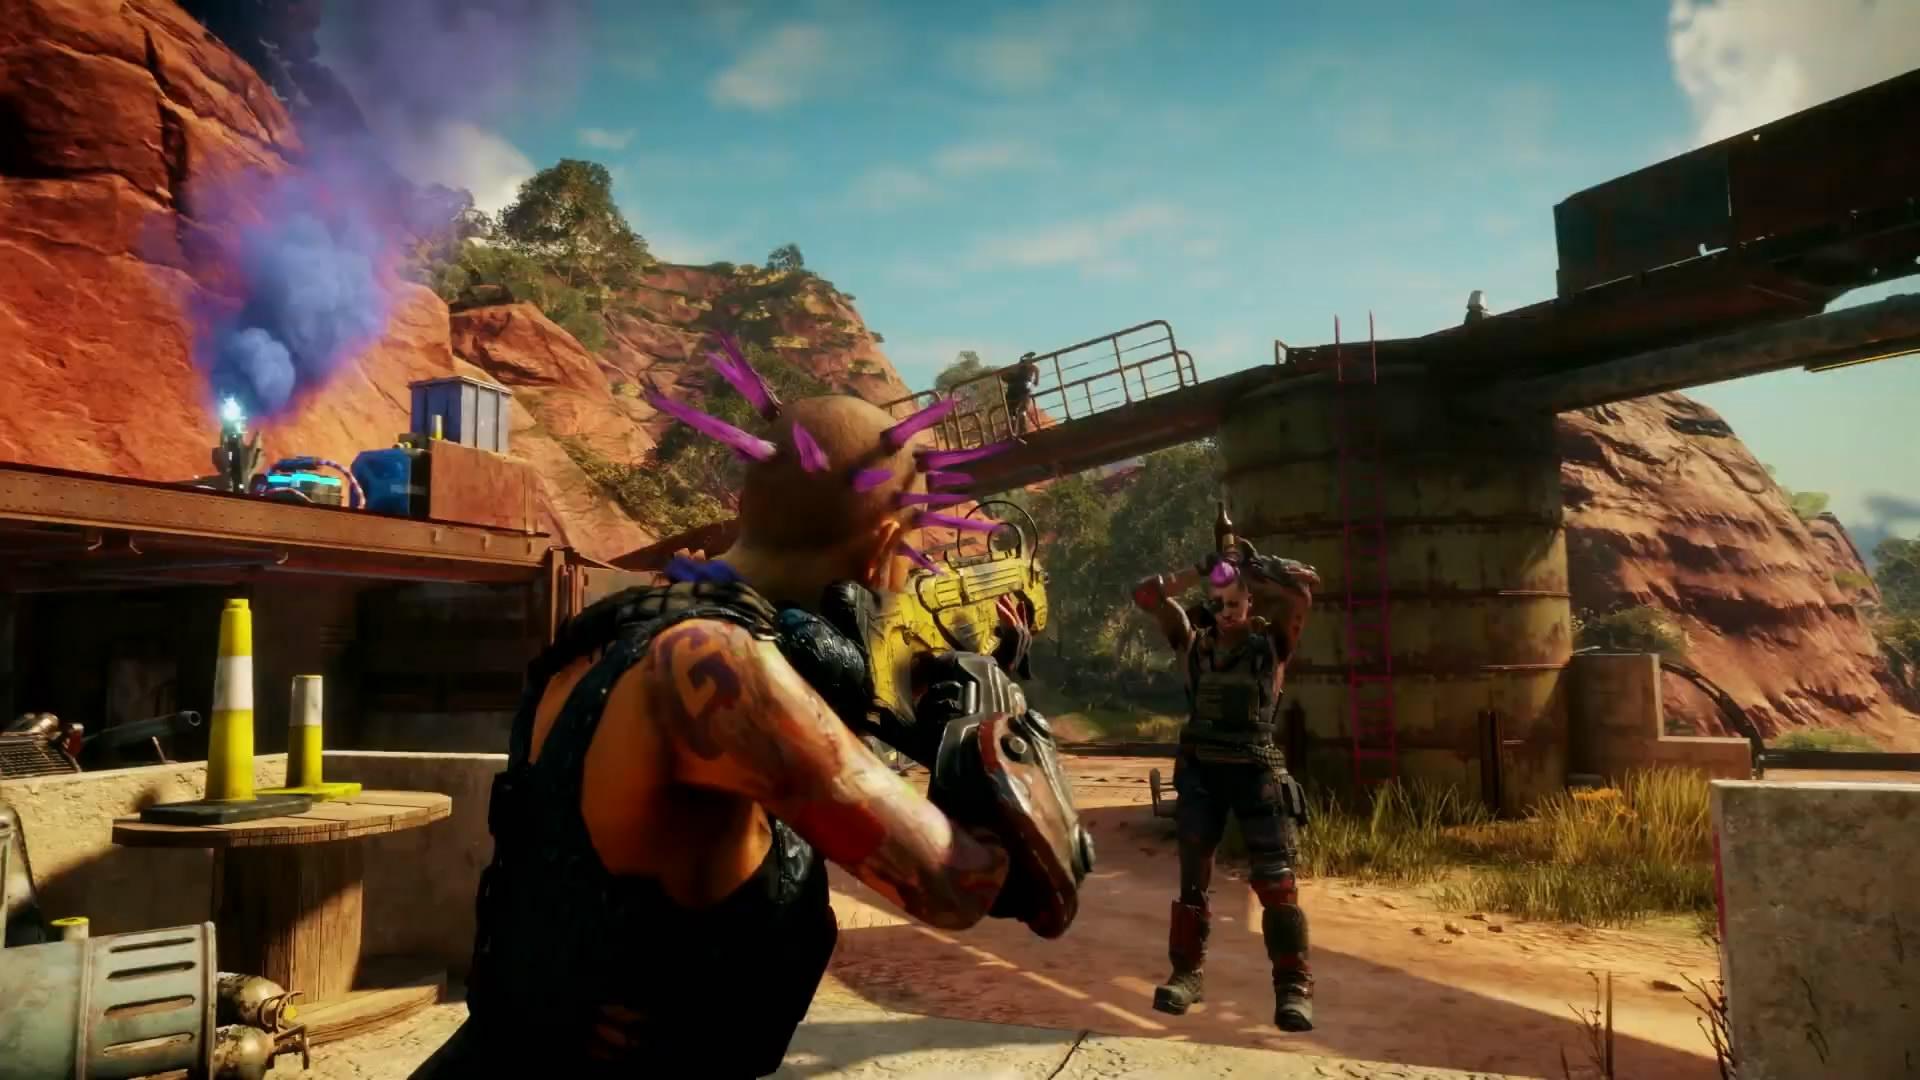 《狂怒2》游戏玩法预告片 画面华丽爽快射杀敌人